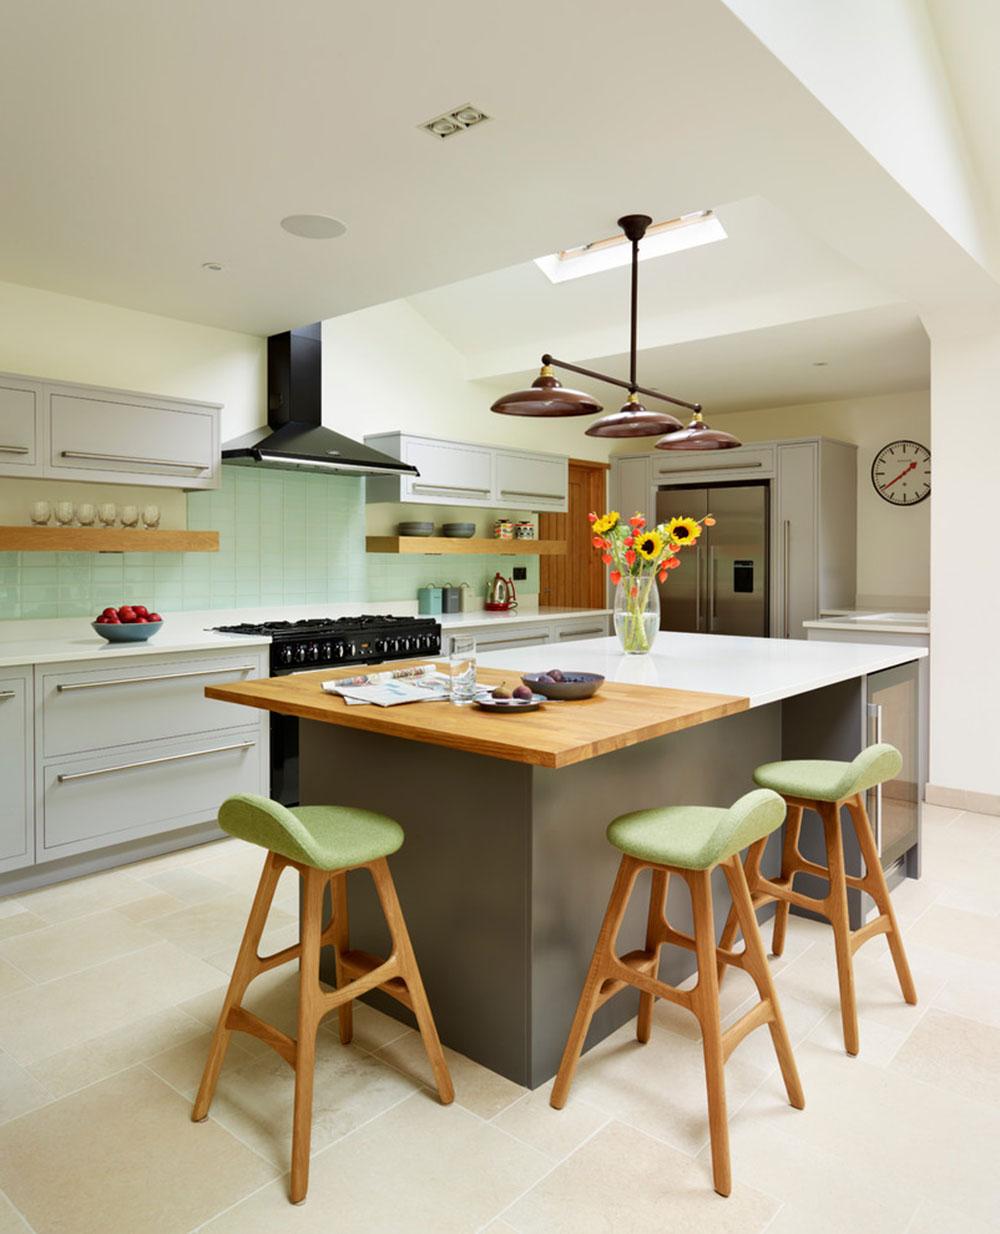 modern kitchen island designs seating kitchen island design Modern Kitchen Island Designs With Seating 8